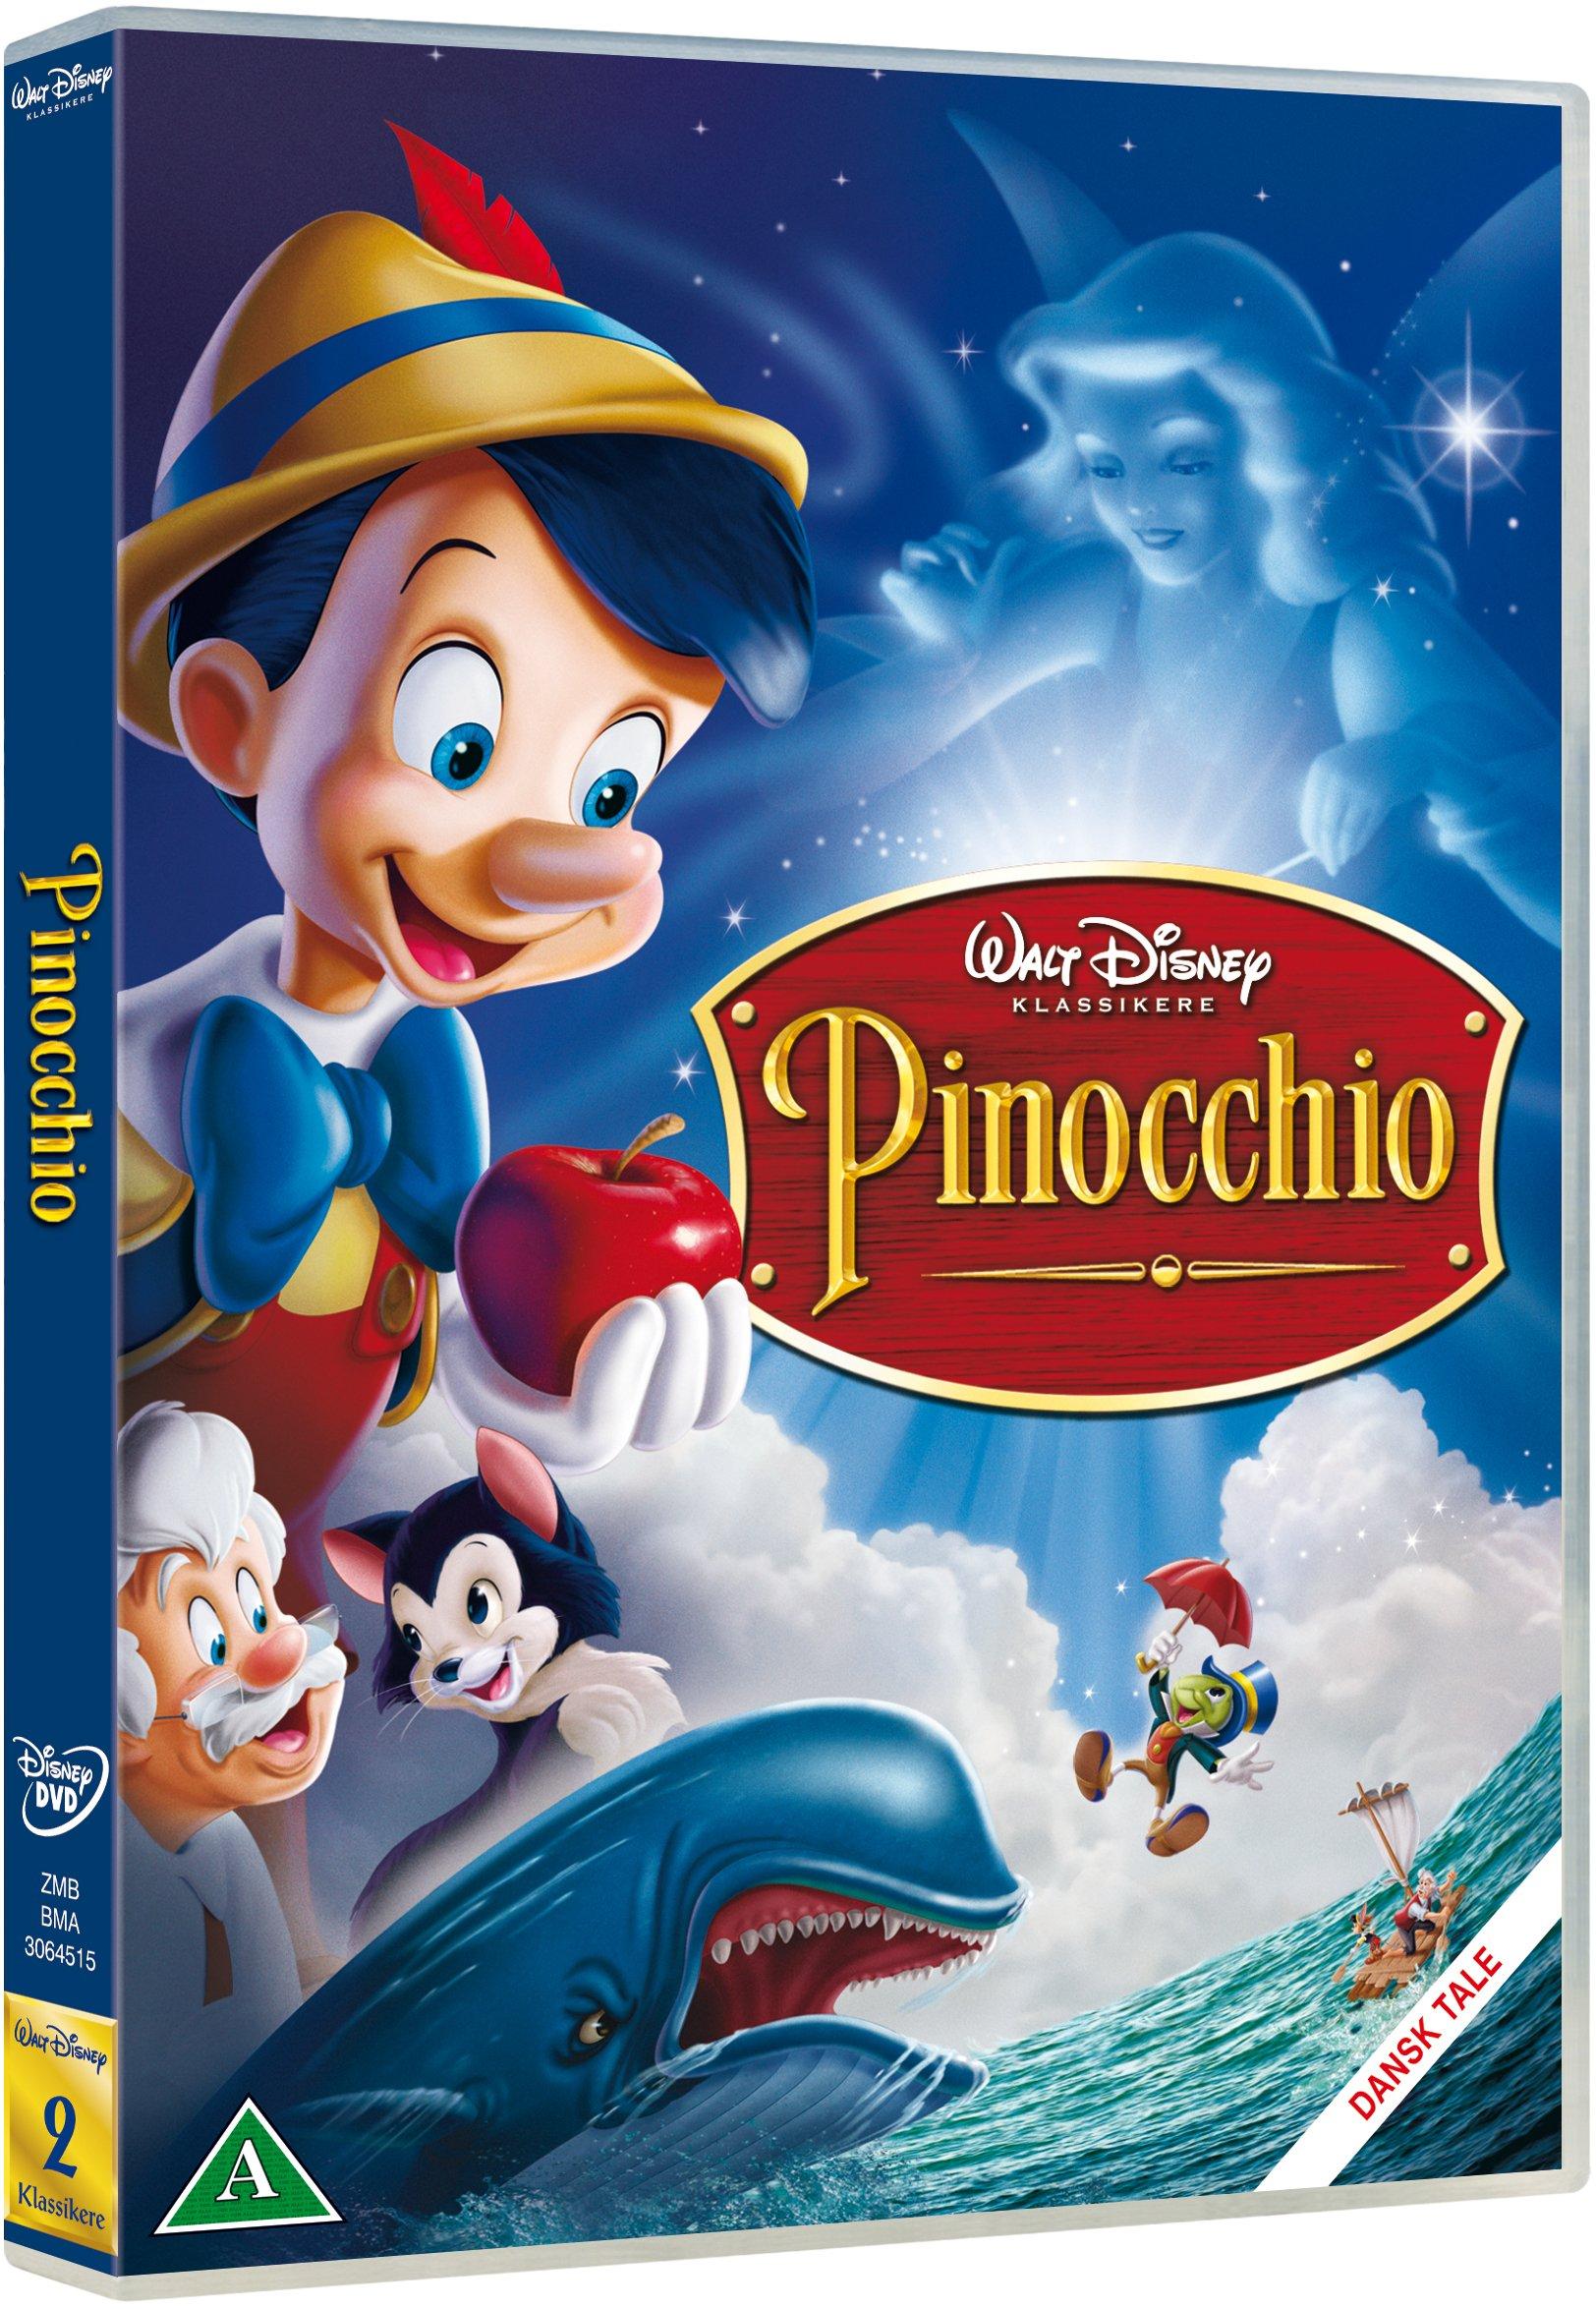 Pinocchio - Disney classic #2